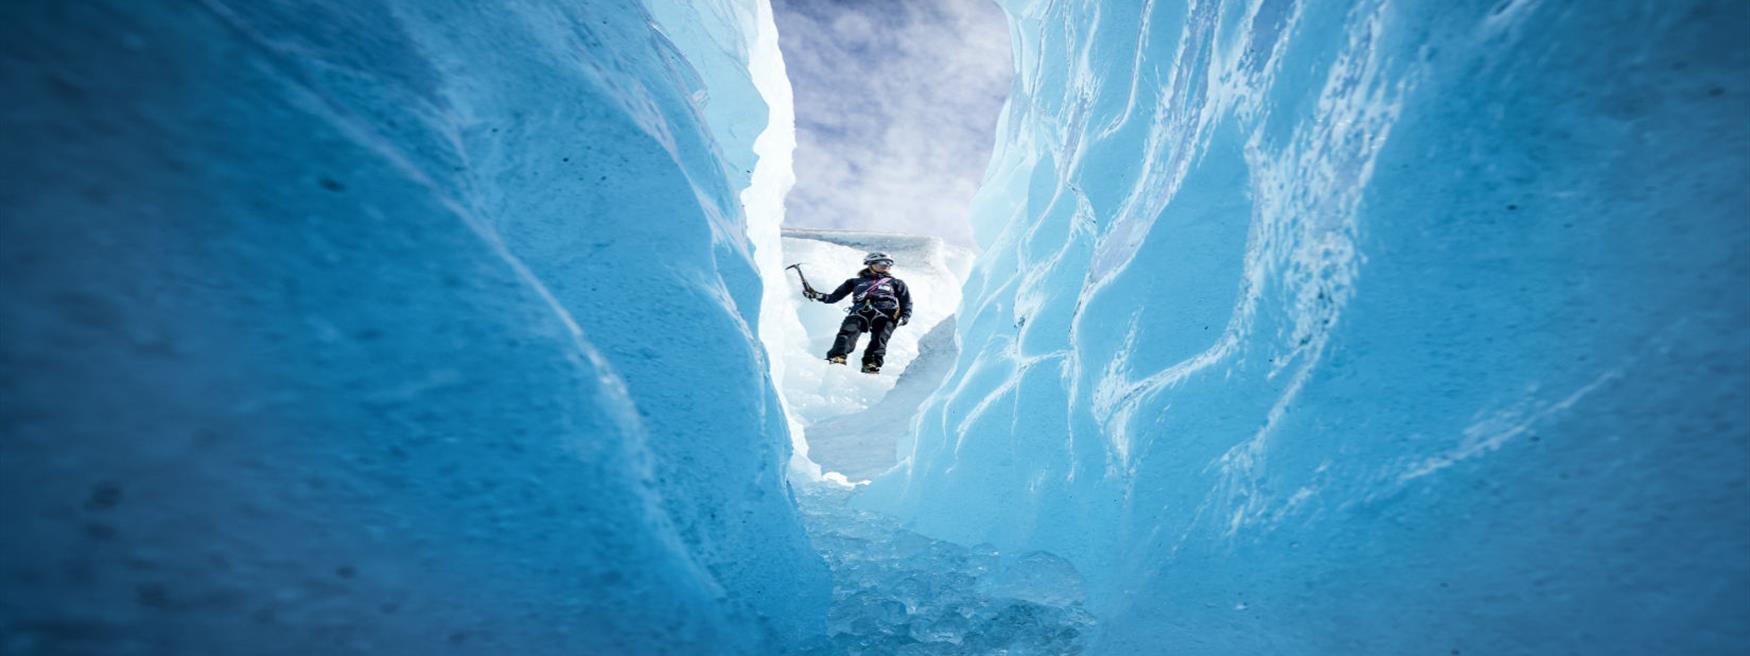 Nigardsbreen Glacier © Vegard Aasen VERI Media